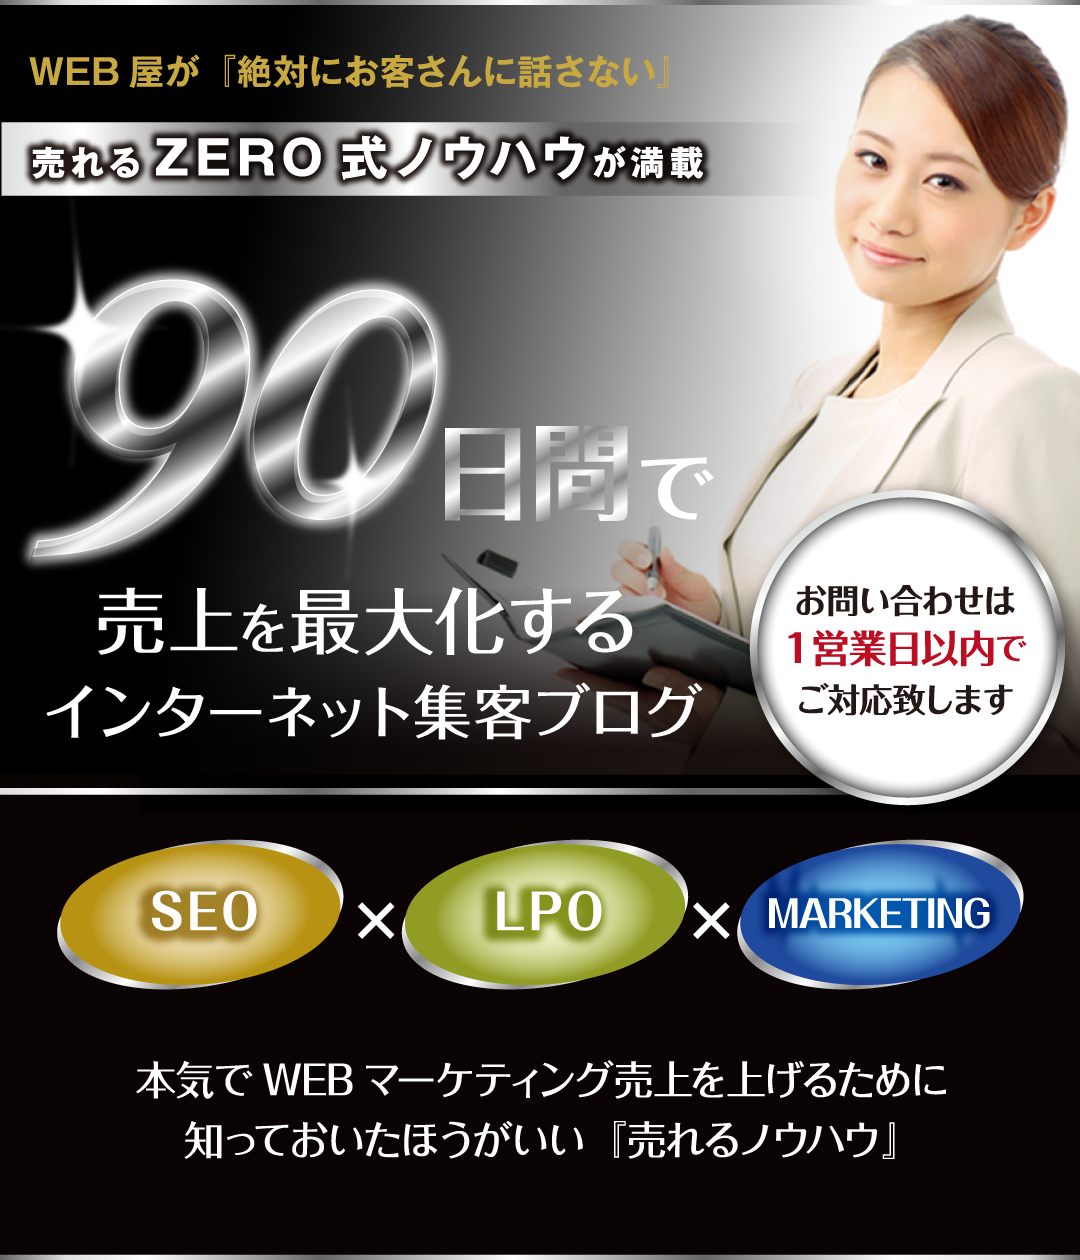 WEB屋が「絶対にお客さんに話さない」売れるZERO式ノウハウが満載 90日間で売上を最大化するインターネット集客ブログ